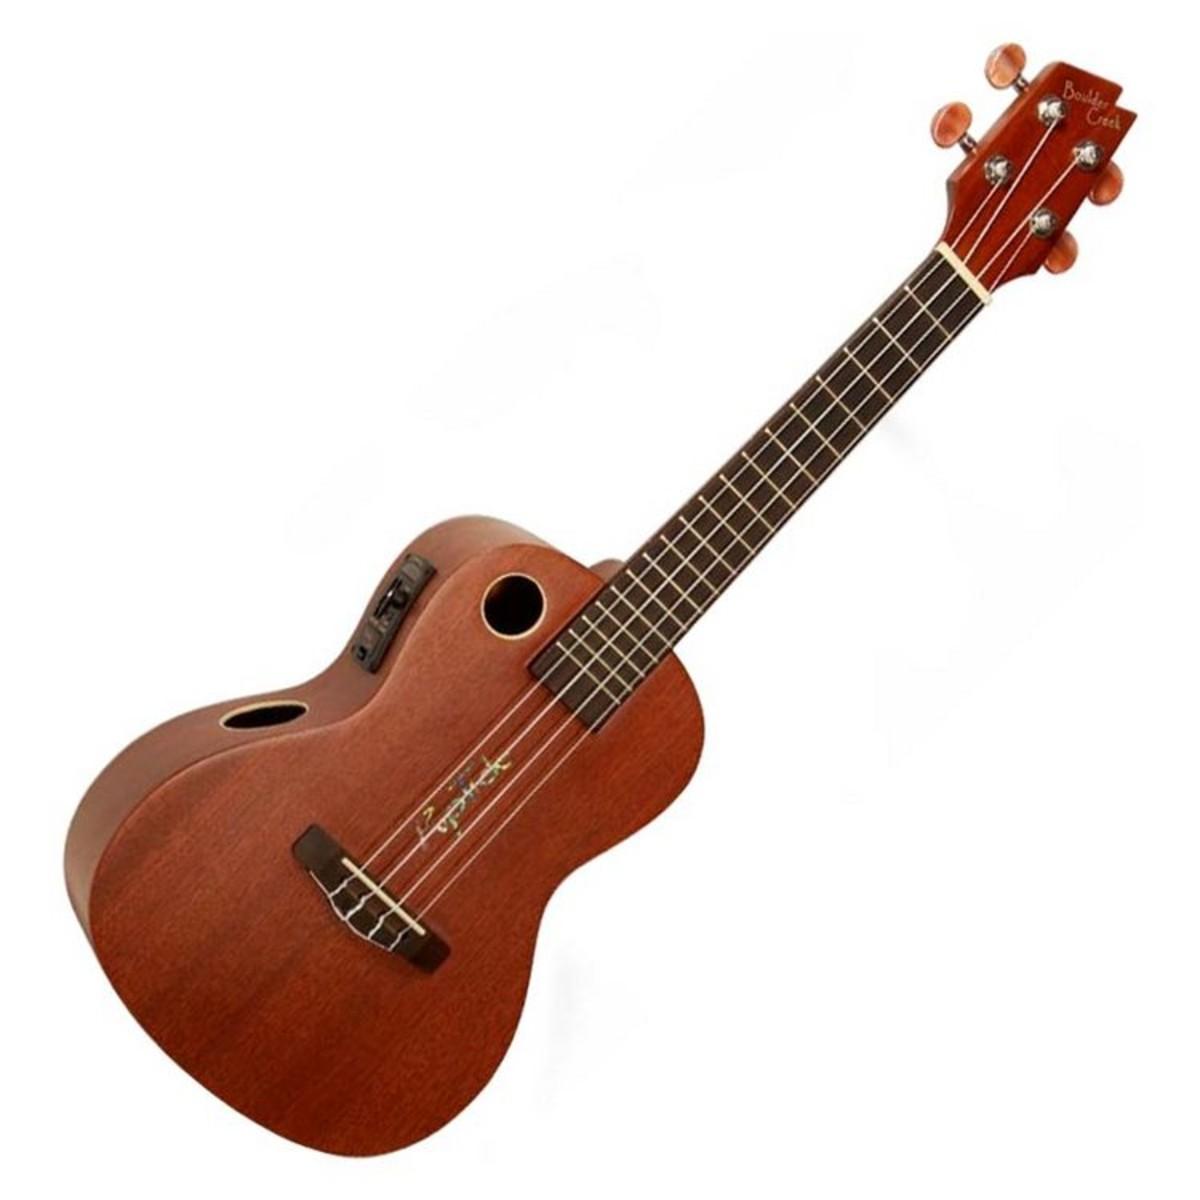 riptide by boulder creek mahogany concert electro ukulele at. Black Bedroom Furniture Sets. Home Design Ideas